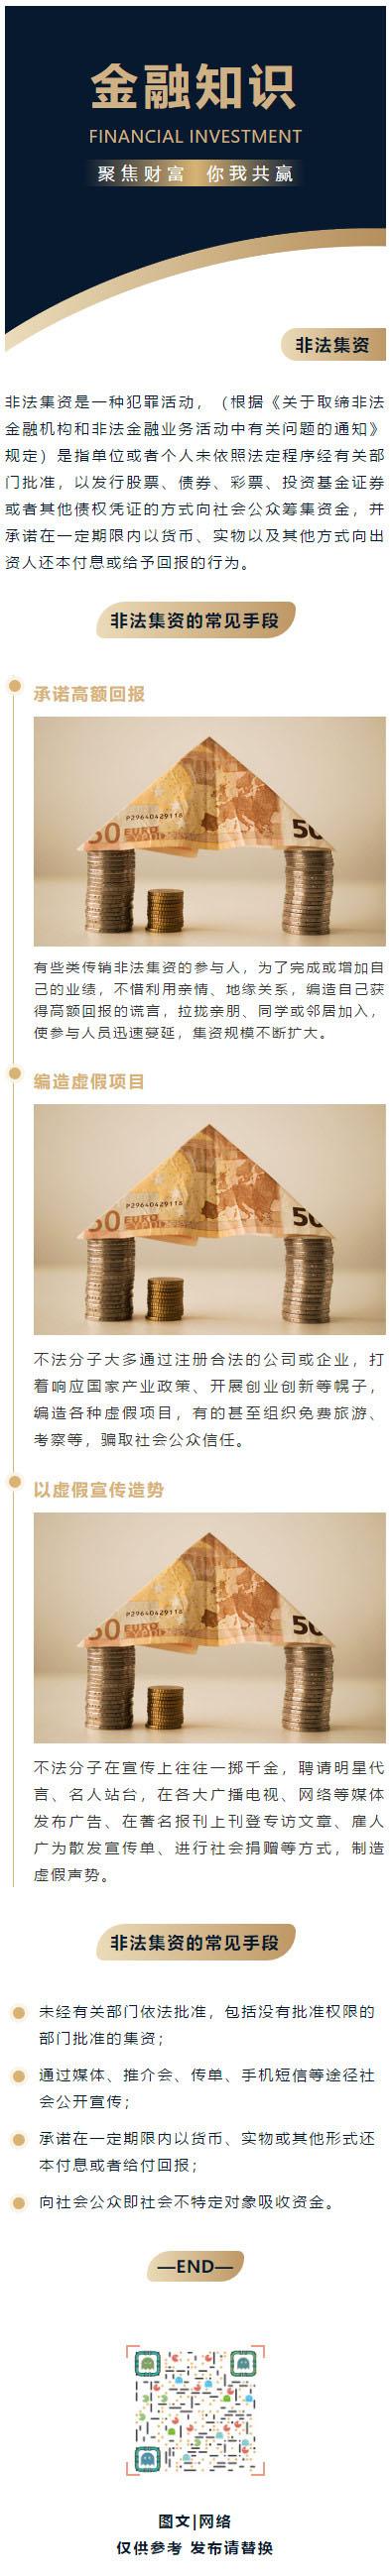 金融知识财务股票微信公众号模板金色微信模板理财公众号推文素材